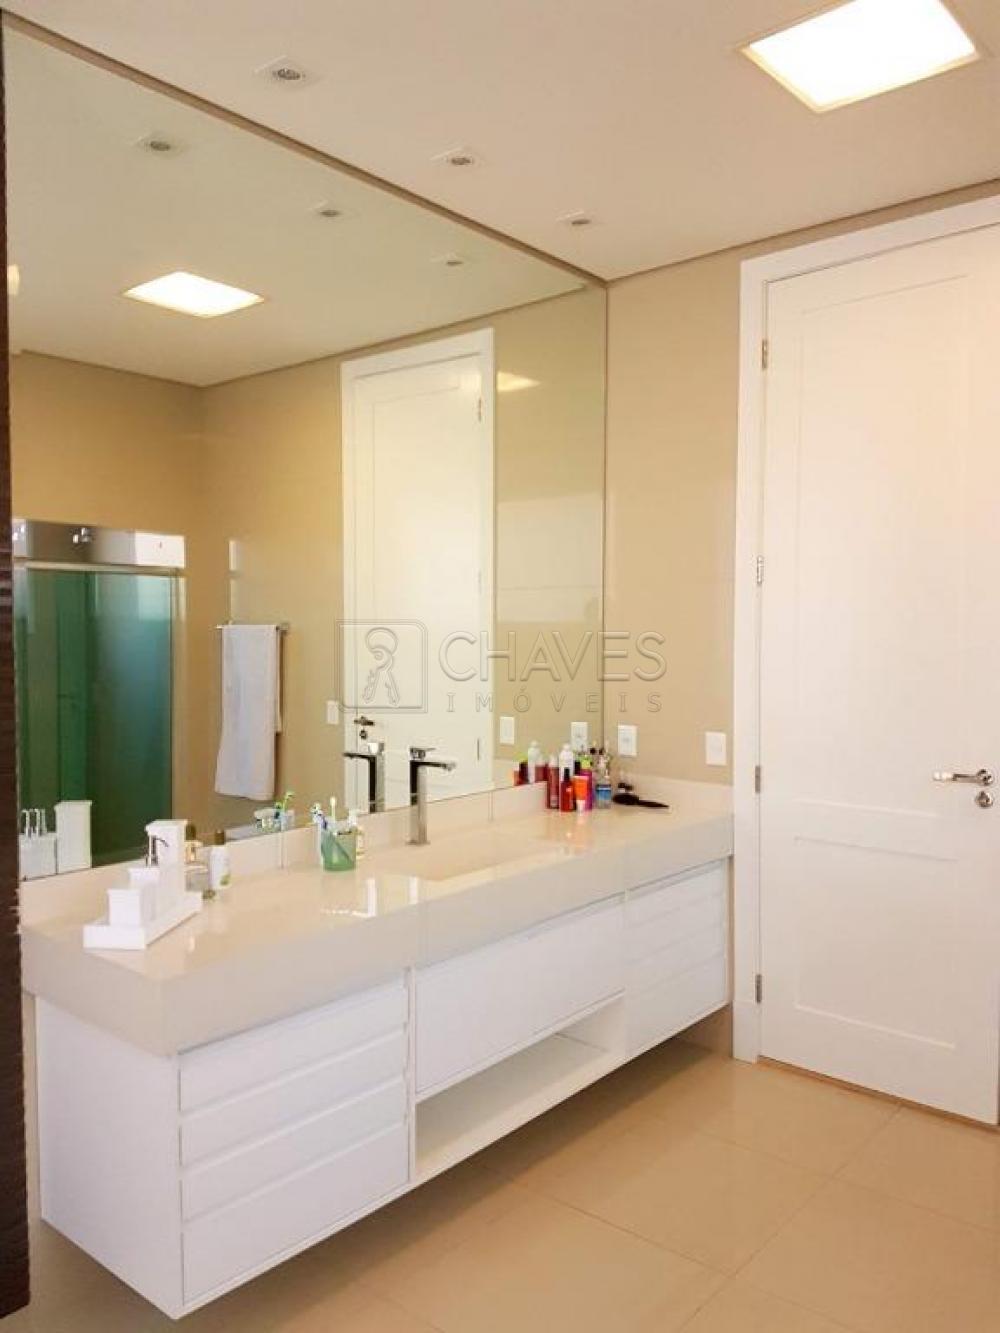 Comprar Casa / Condomínio em Ribeirão Preto apenas R$ 4.800.000,00 - Foto 2